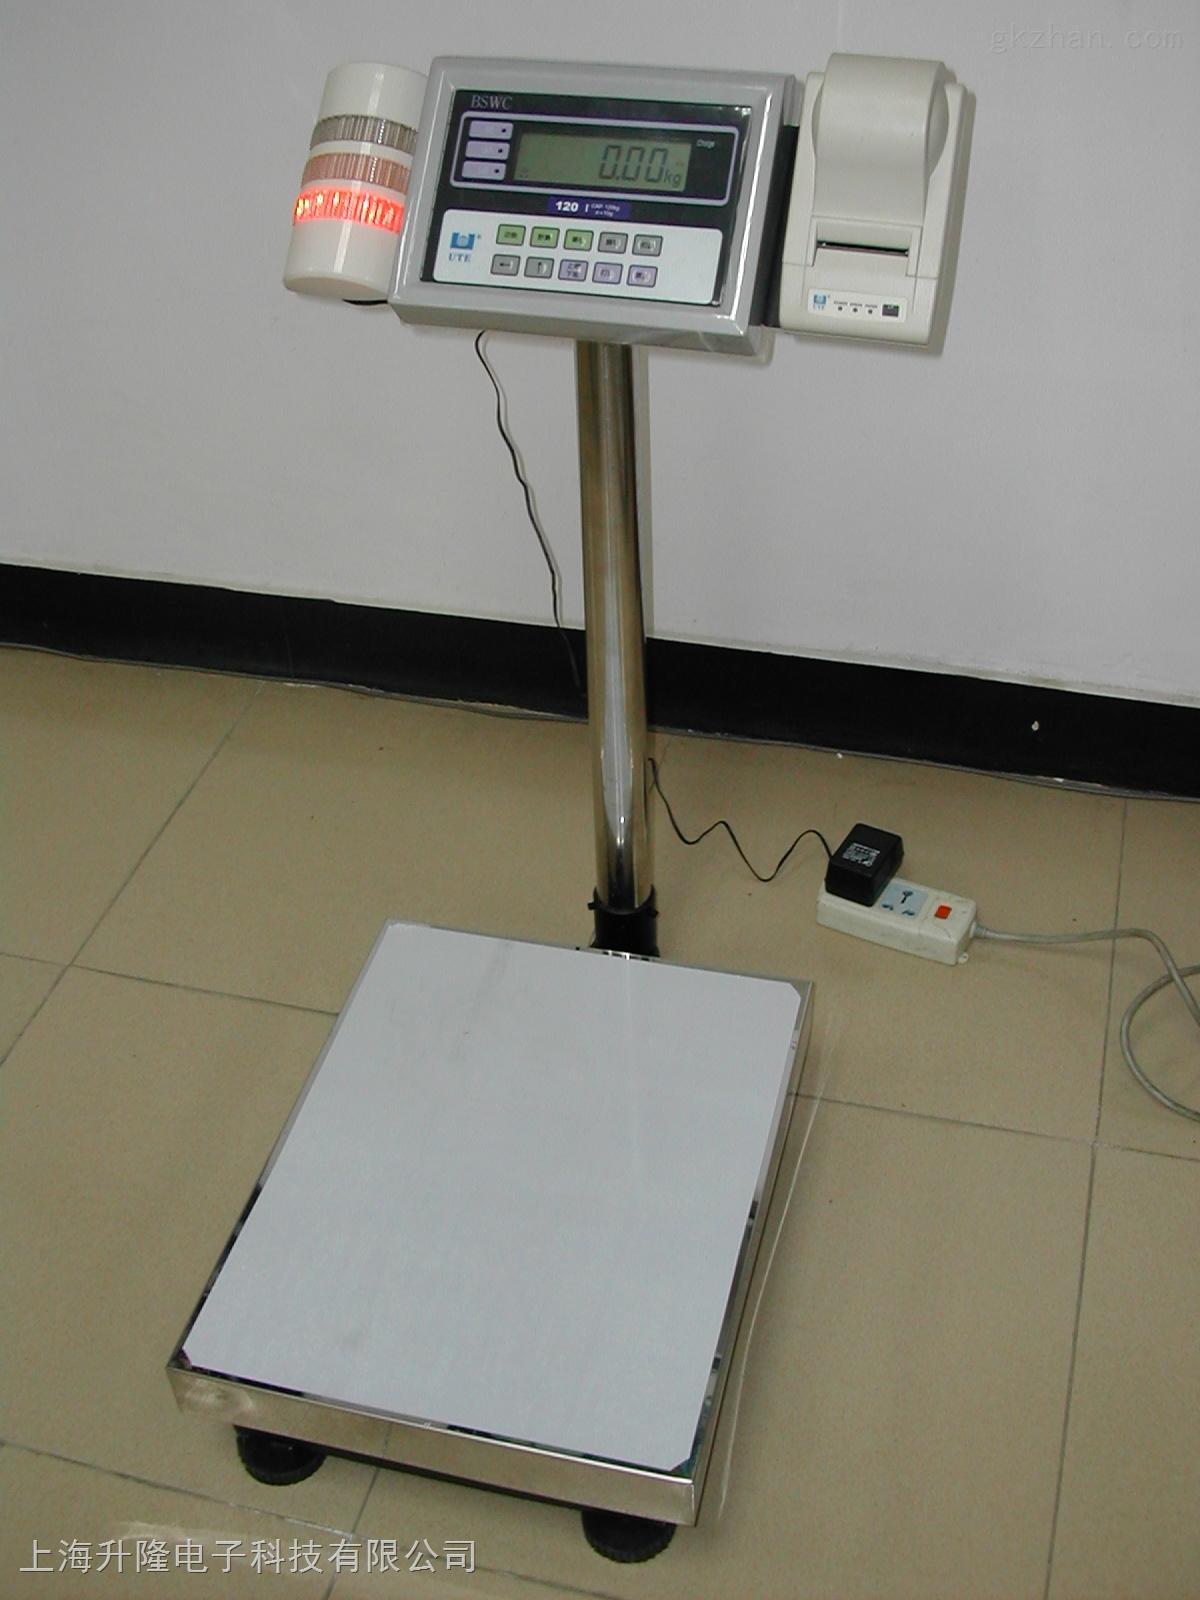 不锈钢电子台秤,赛多利斯电子秤